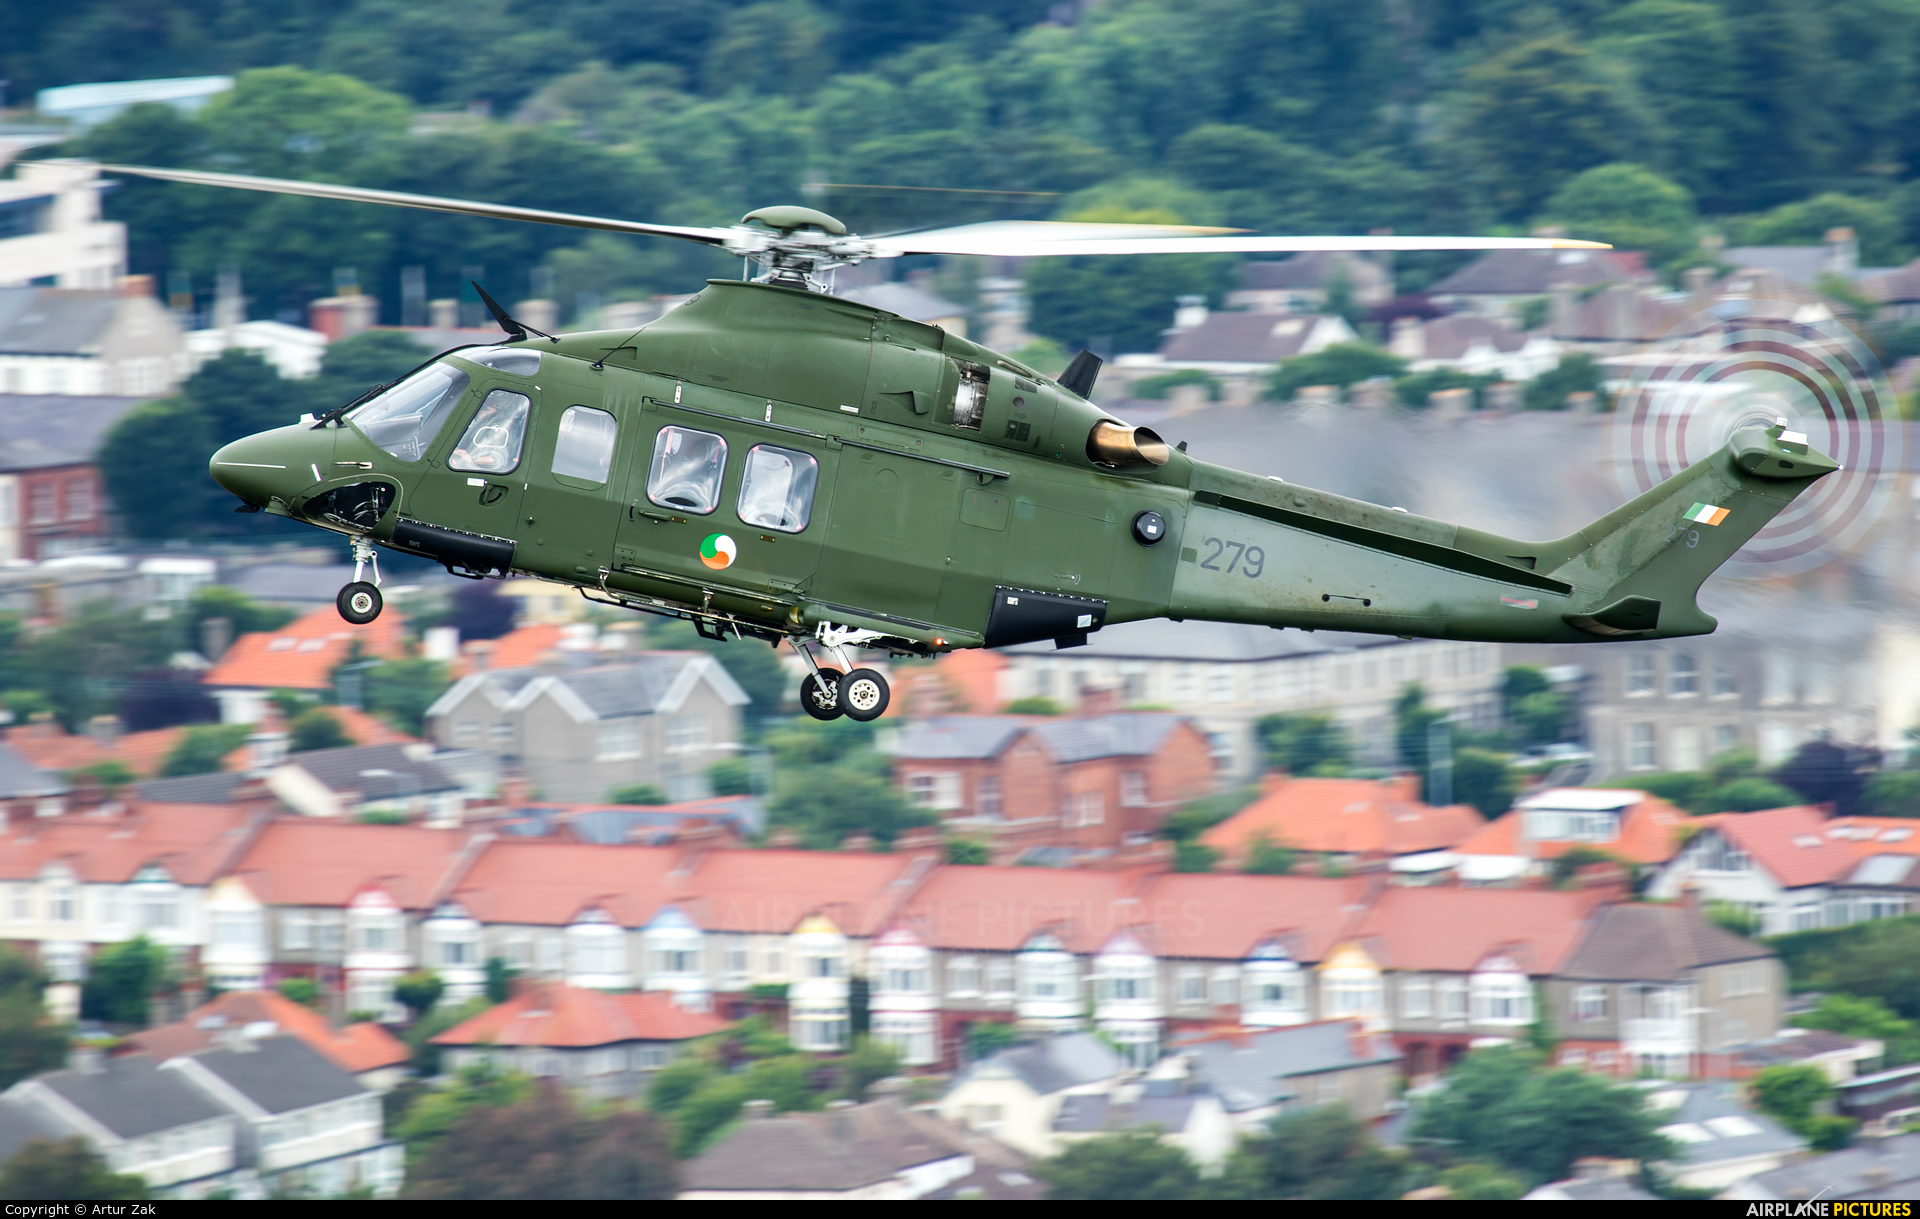 Ireland - Air Corps 279 aircraft at Bray - Off Airport